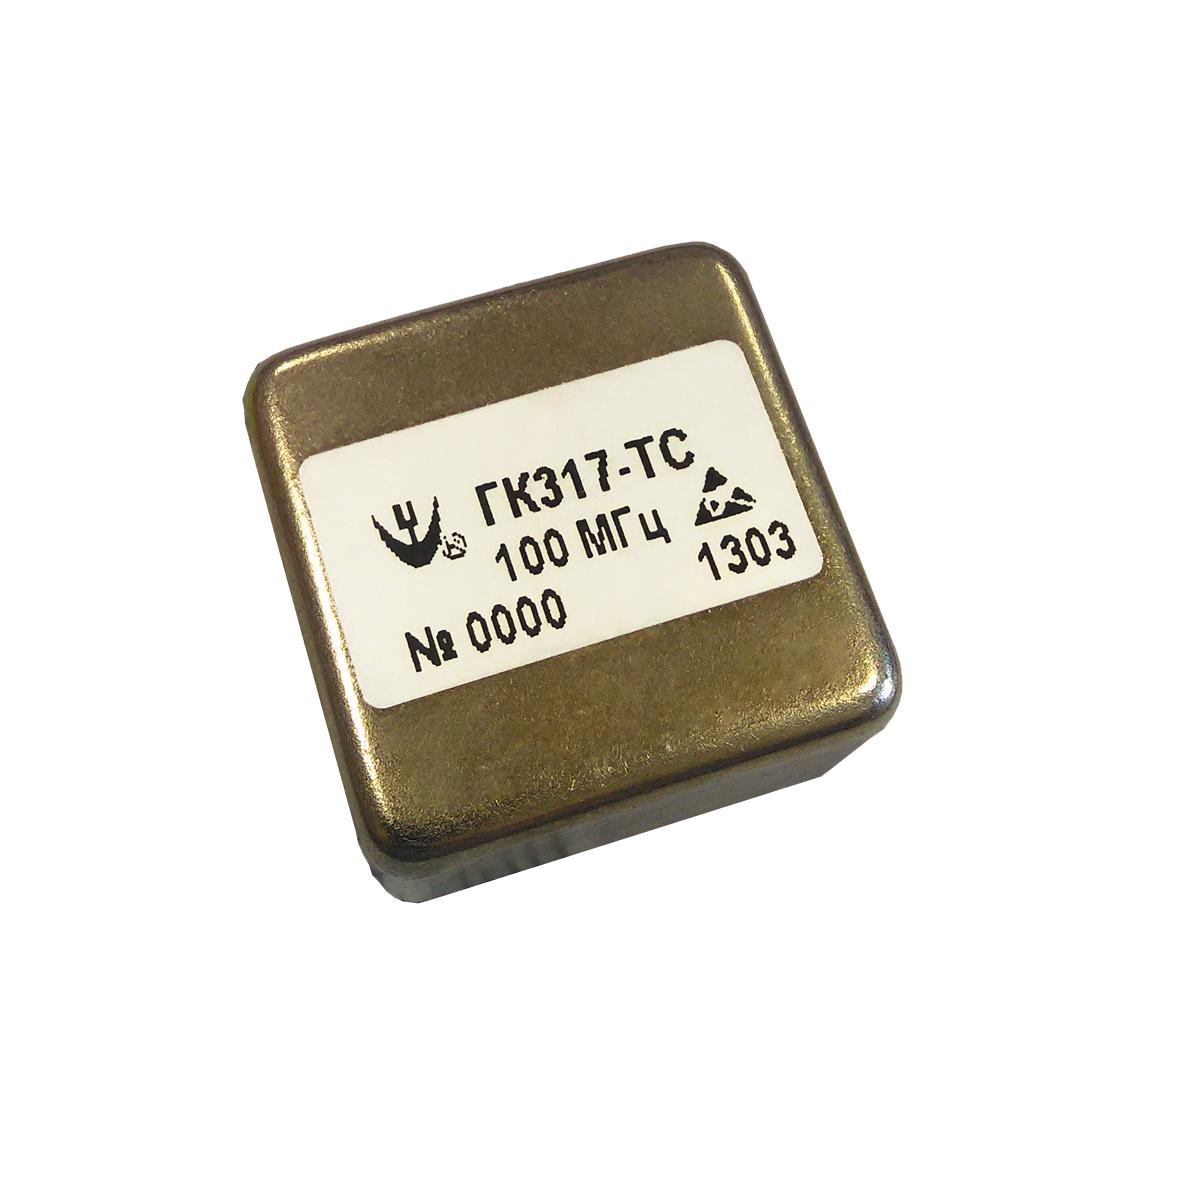 Миниатюрный высокочастотный прецизионный малошумящий кварцевый генератор ГК317-ТС